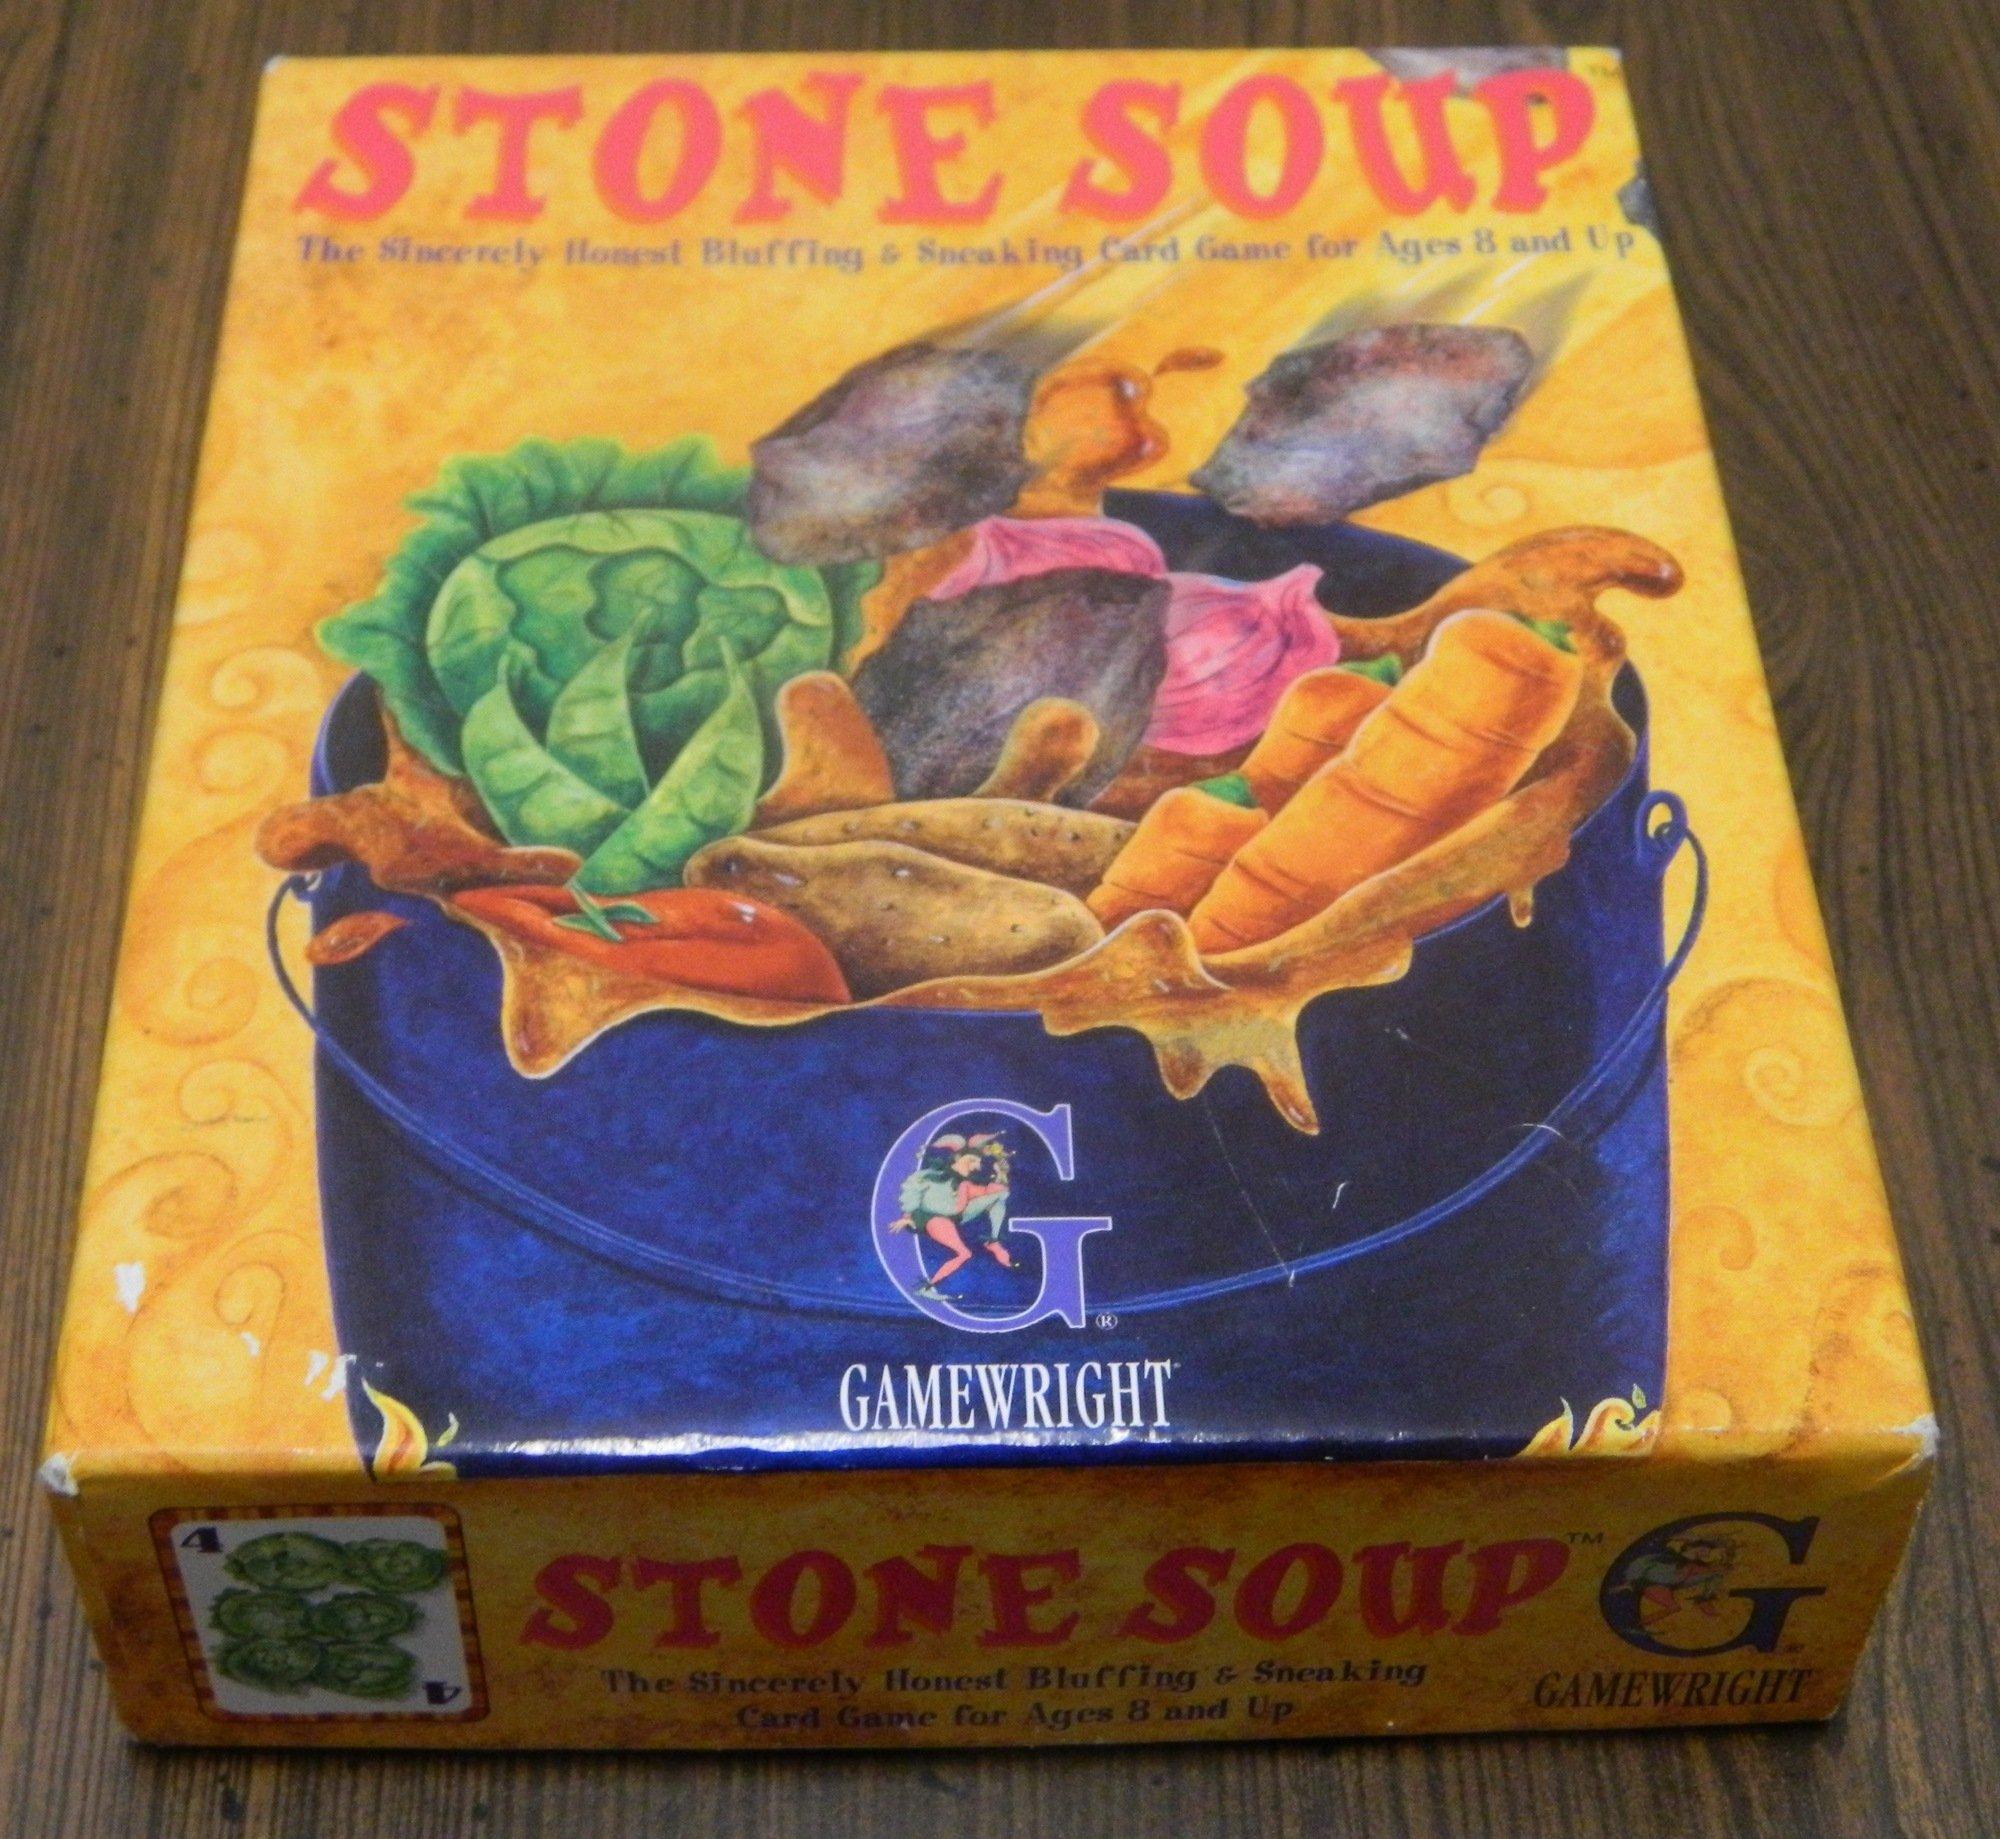 Stone Soup Box